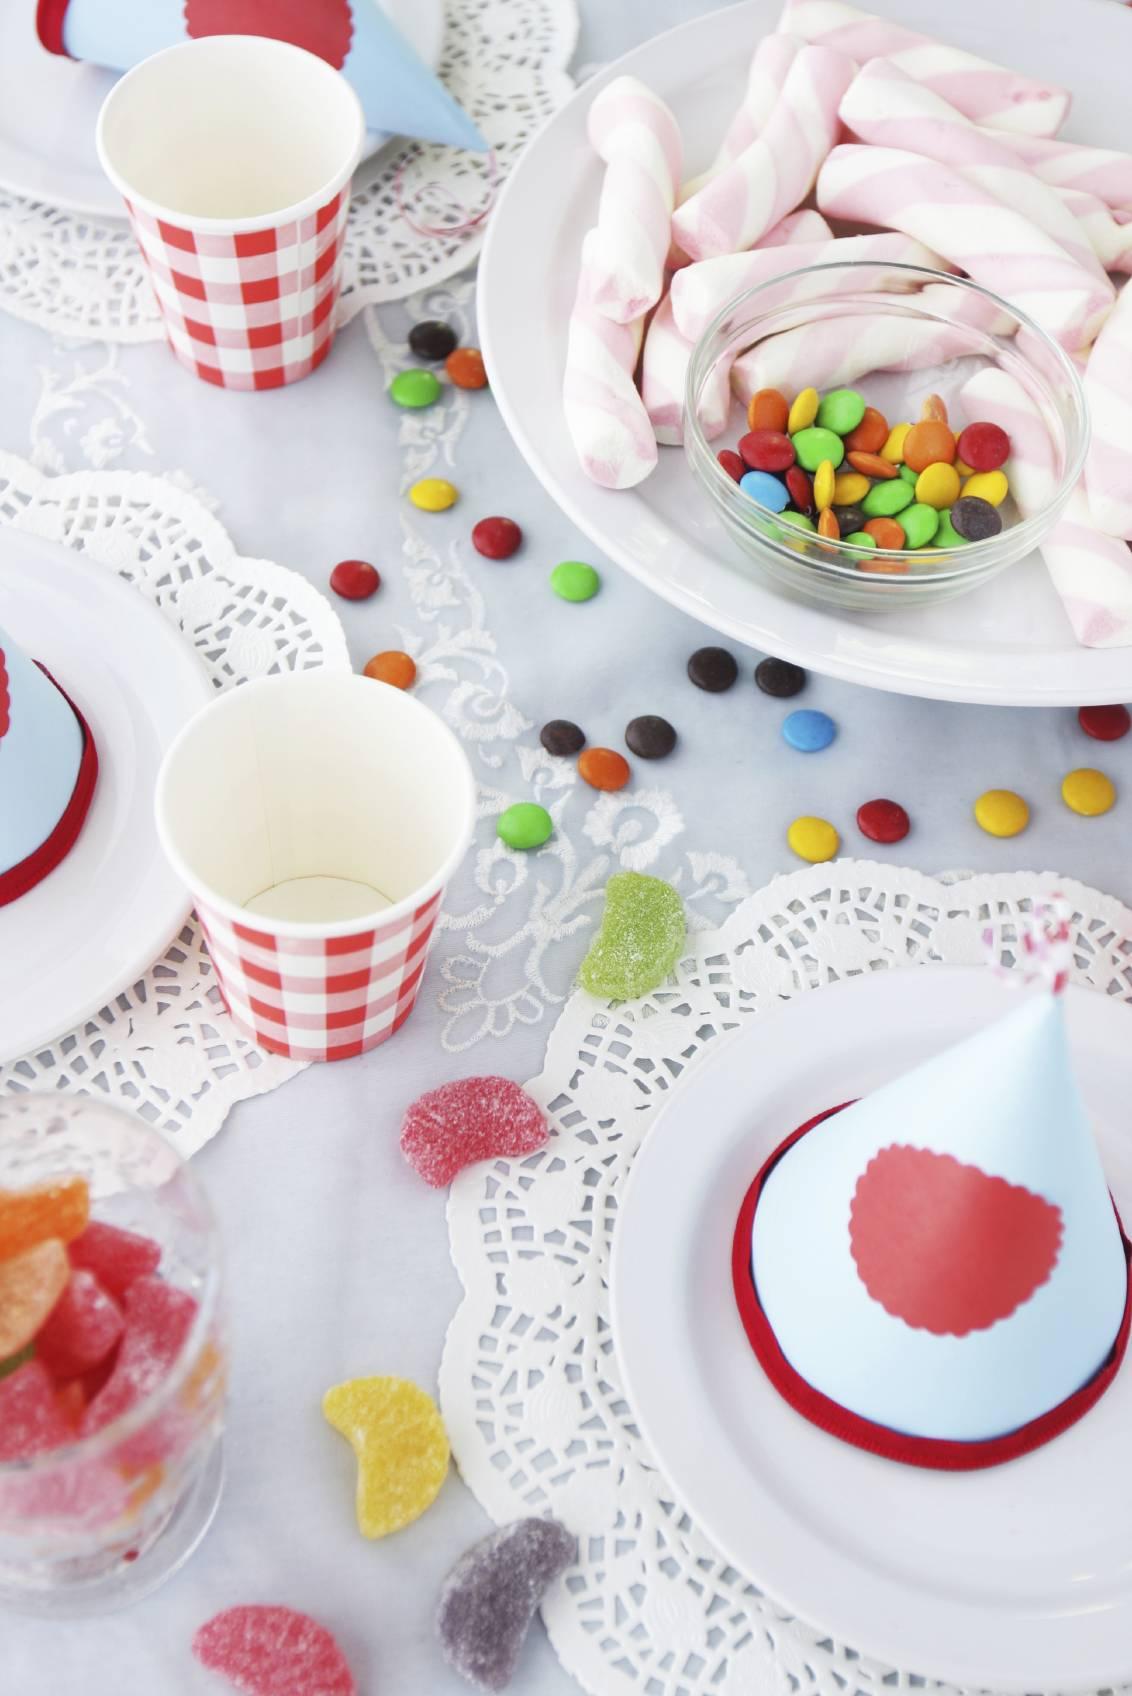 Comment d corer une table anniversaire - Comment decorer une table d anniversaire ...